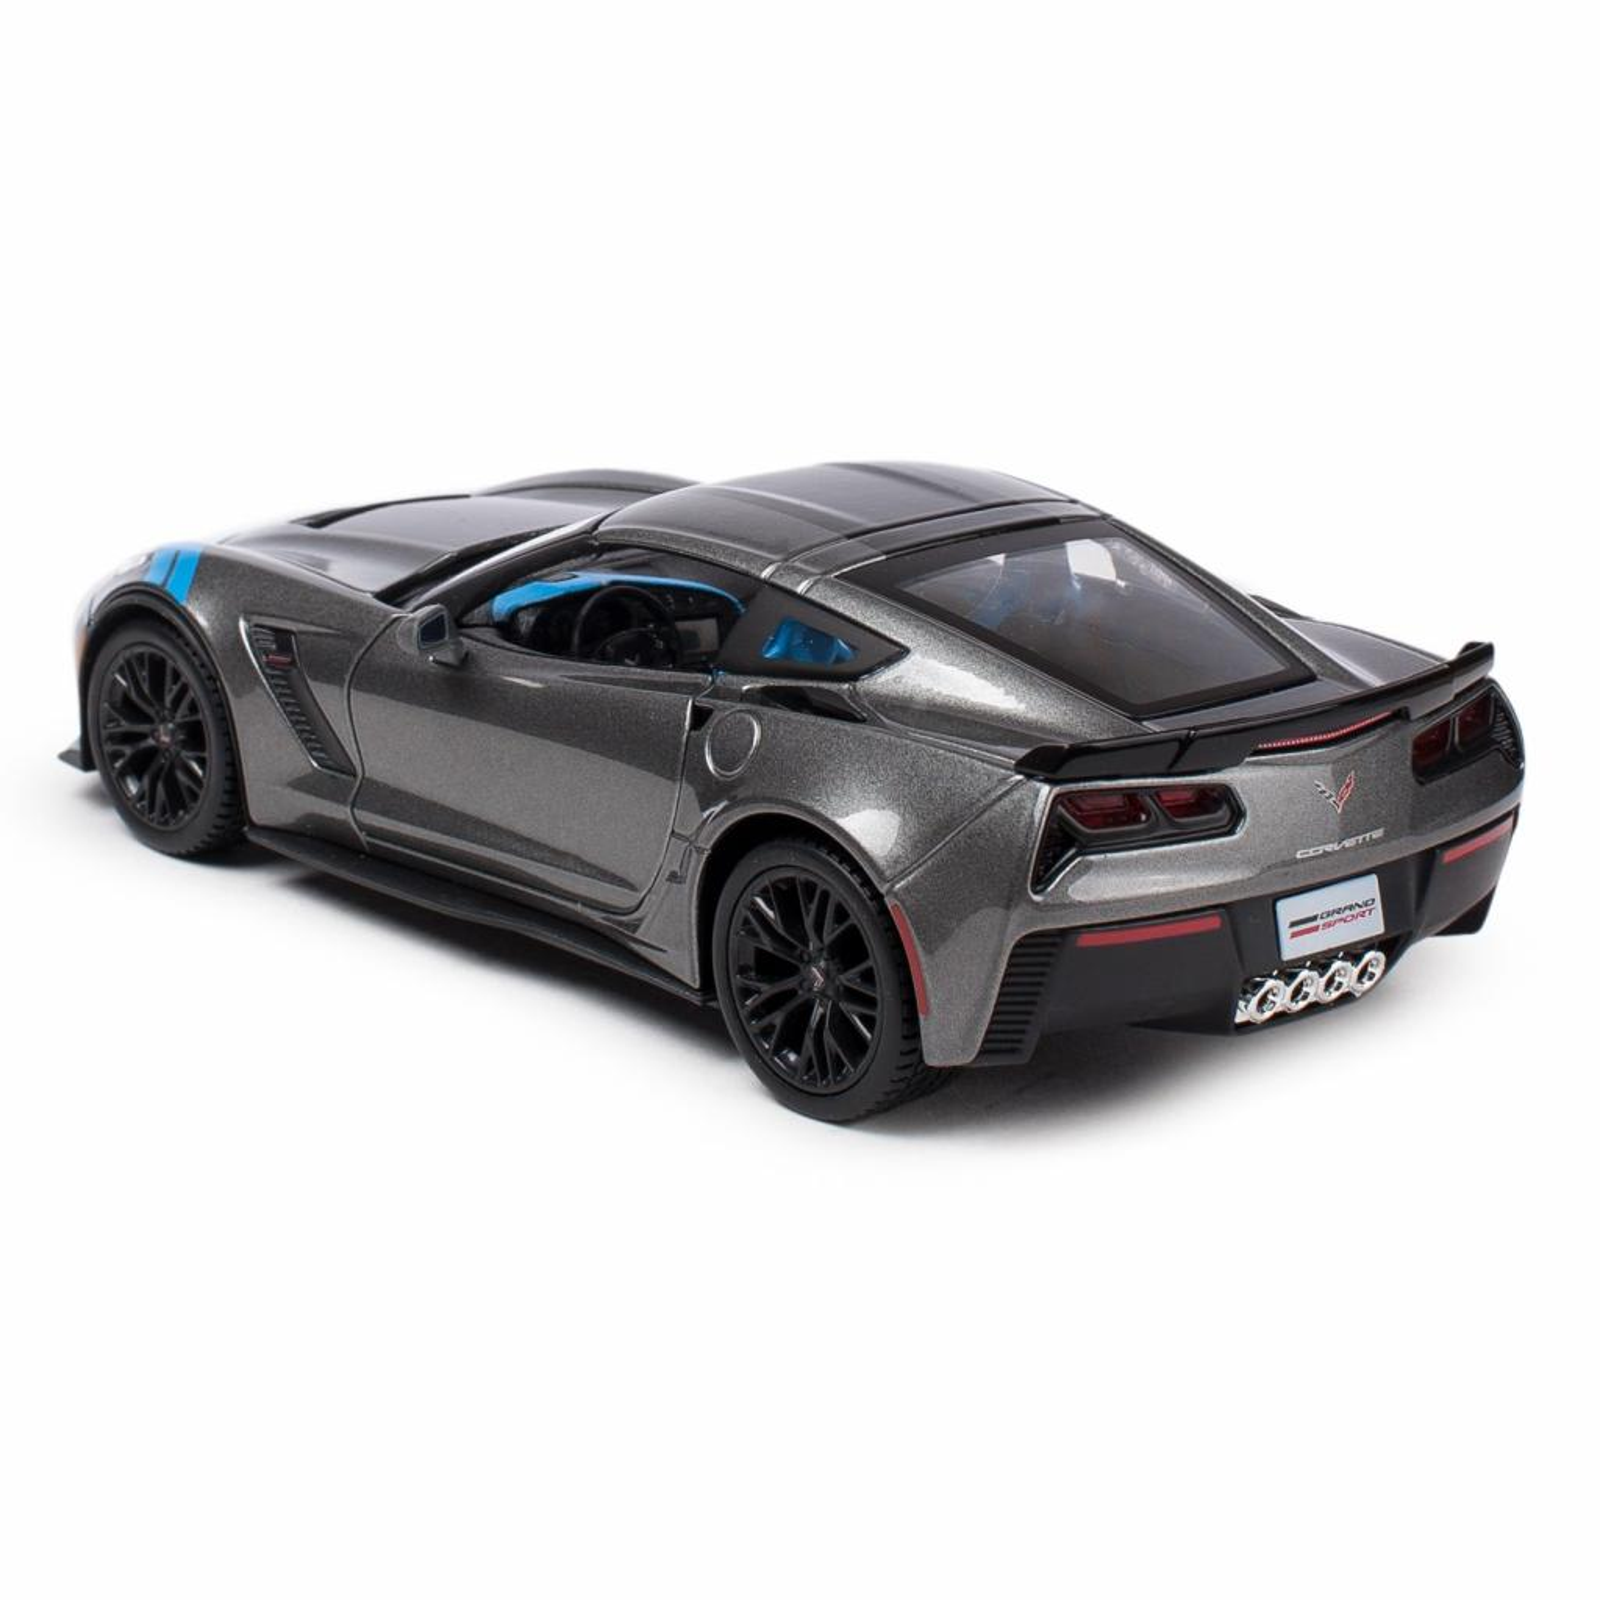 Машина Maisto Corvette Grand Sport 2017 (1:24) серый металлик (31516 met. grey) изображение 2